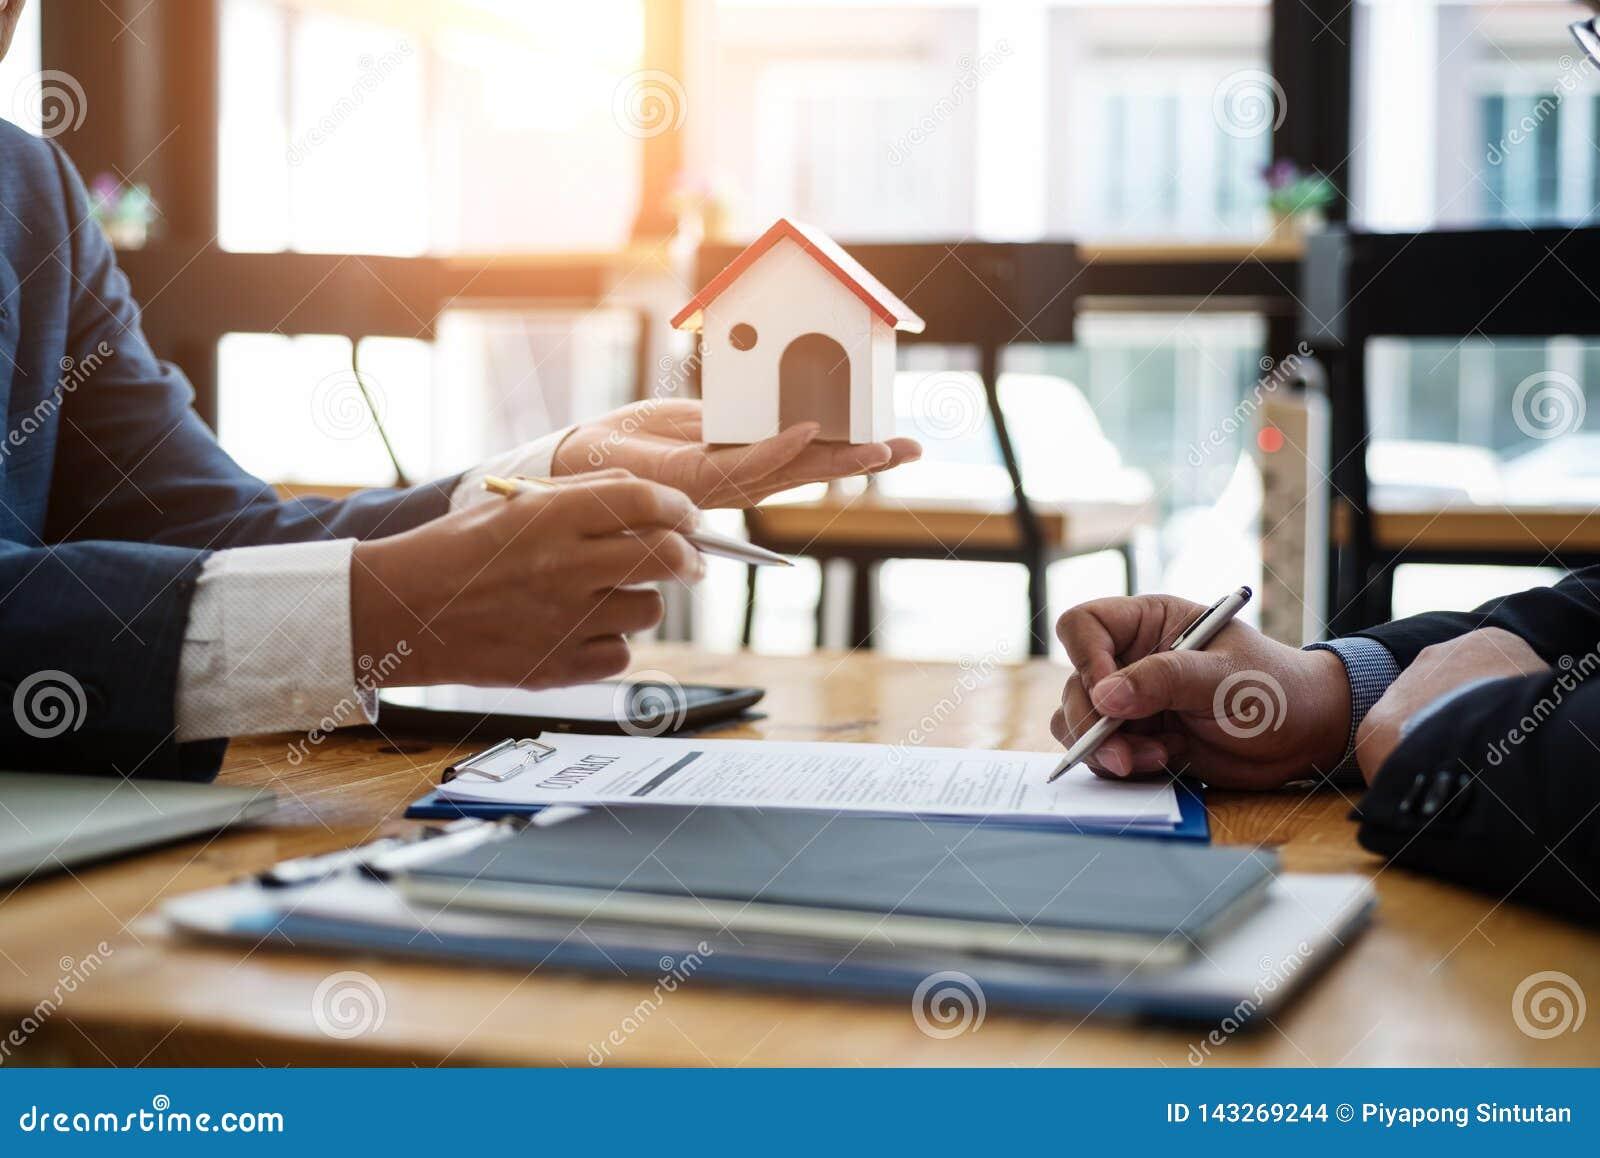 Маклер по операциям с недвижимостью объясняет вклад контракта перед подписанием жилого массива контракта в офисе концепция контра